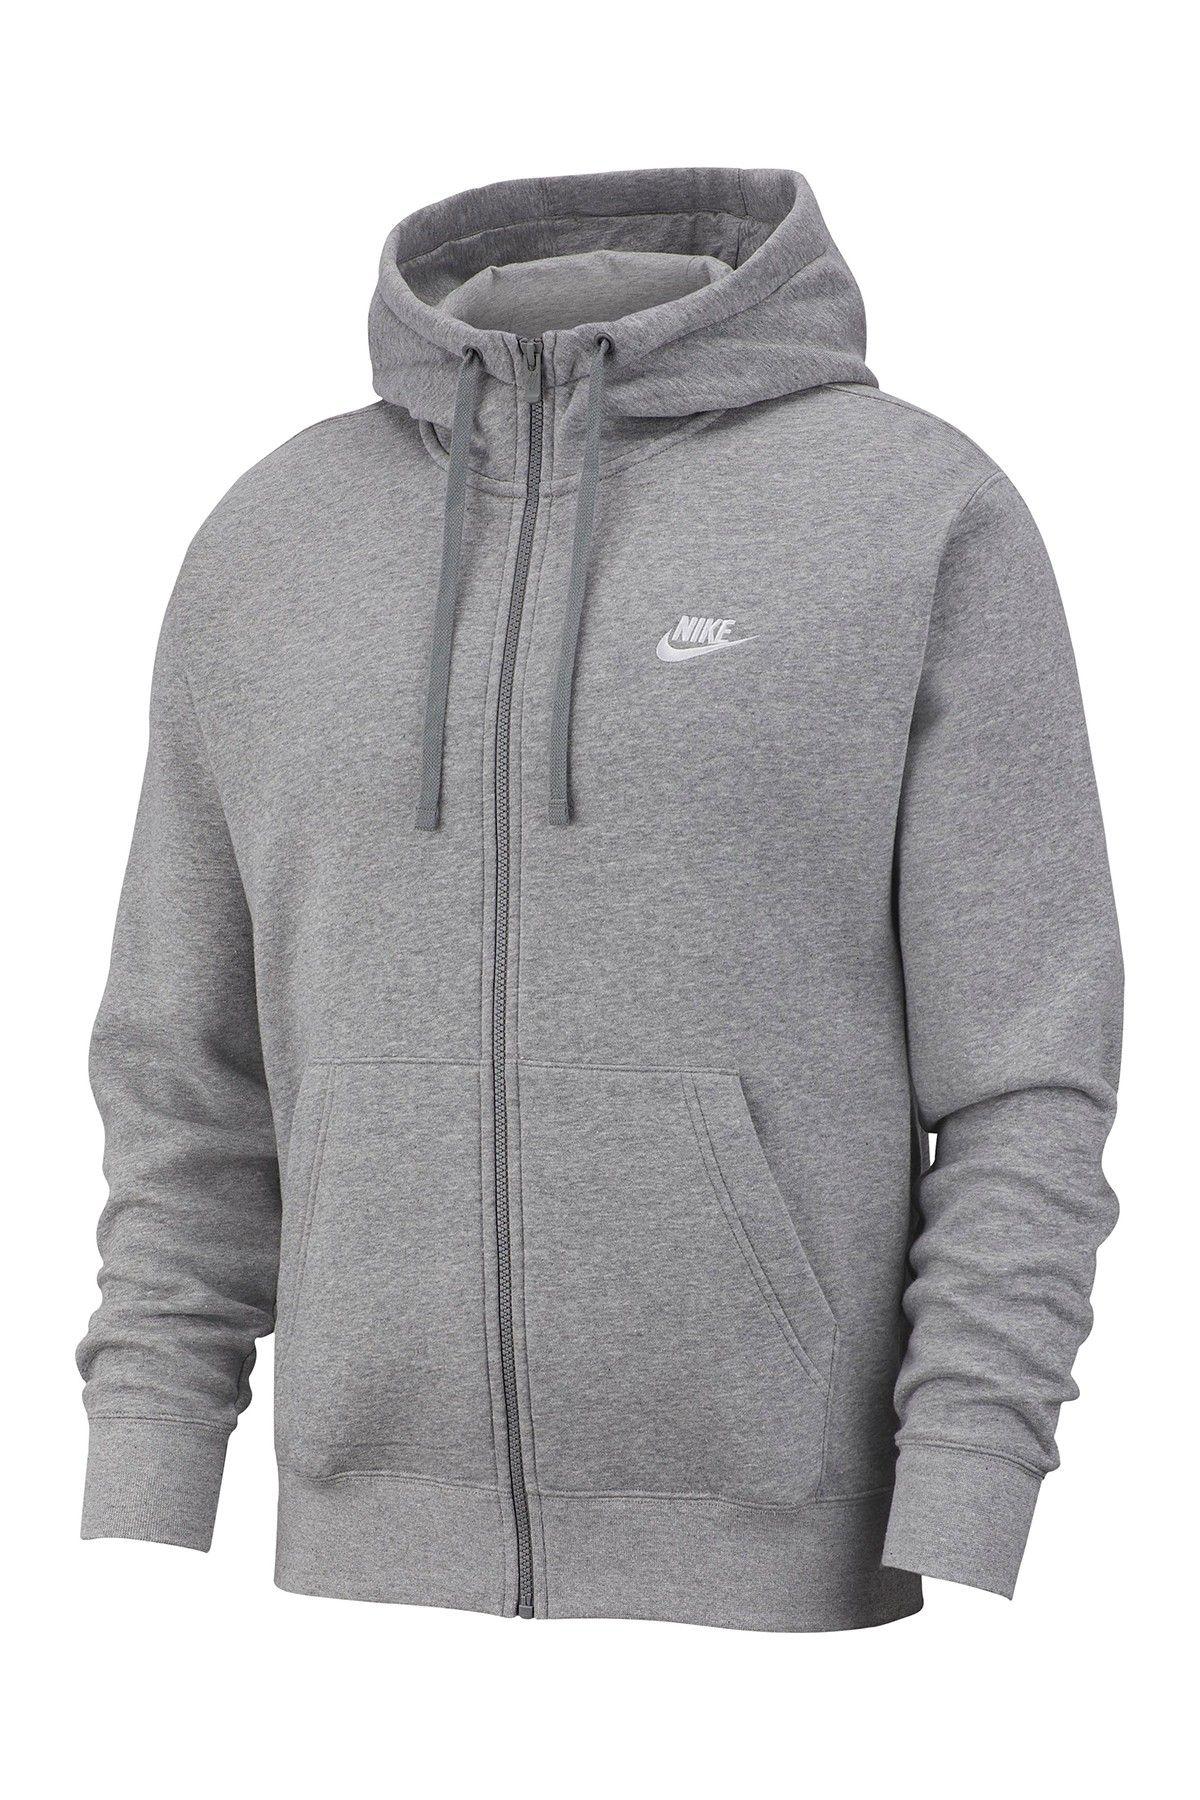 Nike Full Zip Club Hoodie (With images) Nike